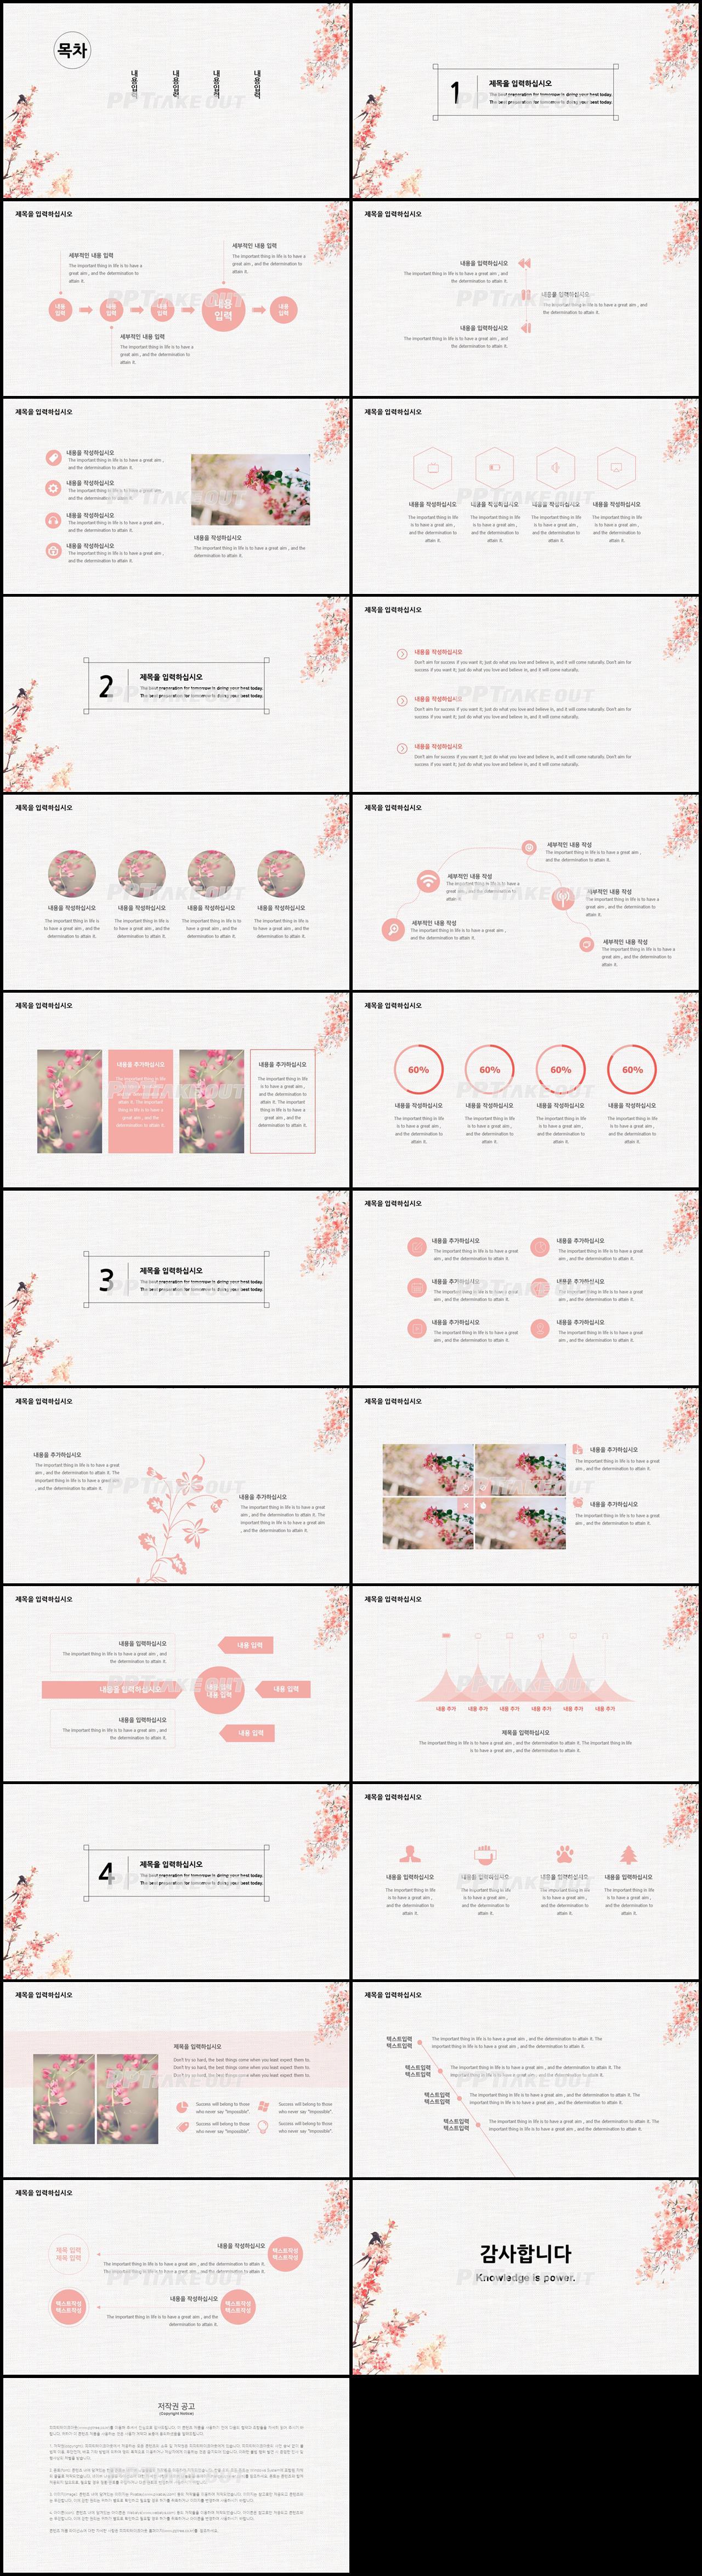 화초, 동식물 핑크색 수채화 프레젠테이션 파워포인트탬플릿 만들기 상세보기